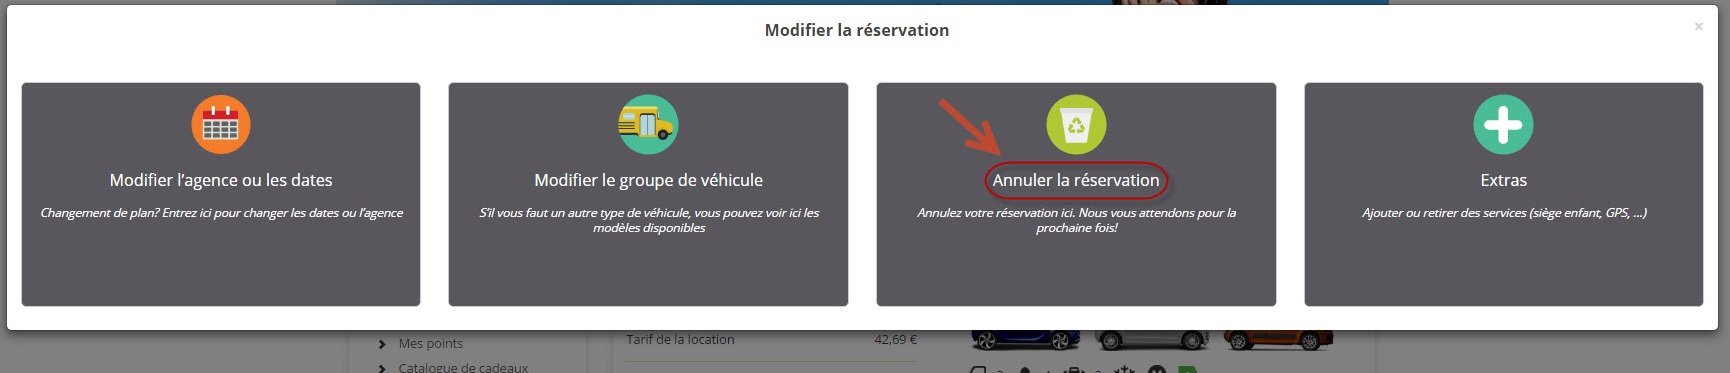 Comment puis-je annuler ma réservation ? (4)